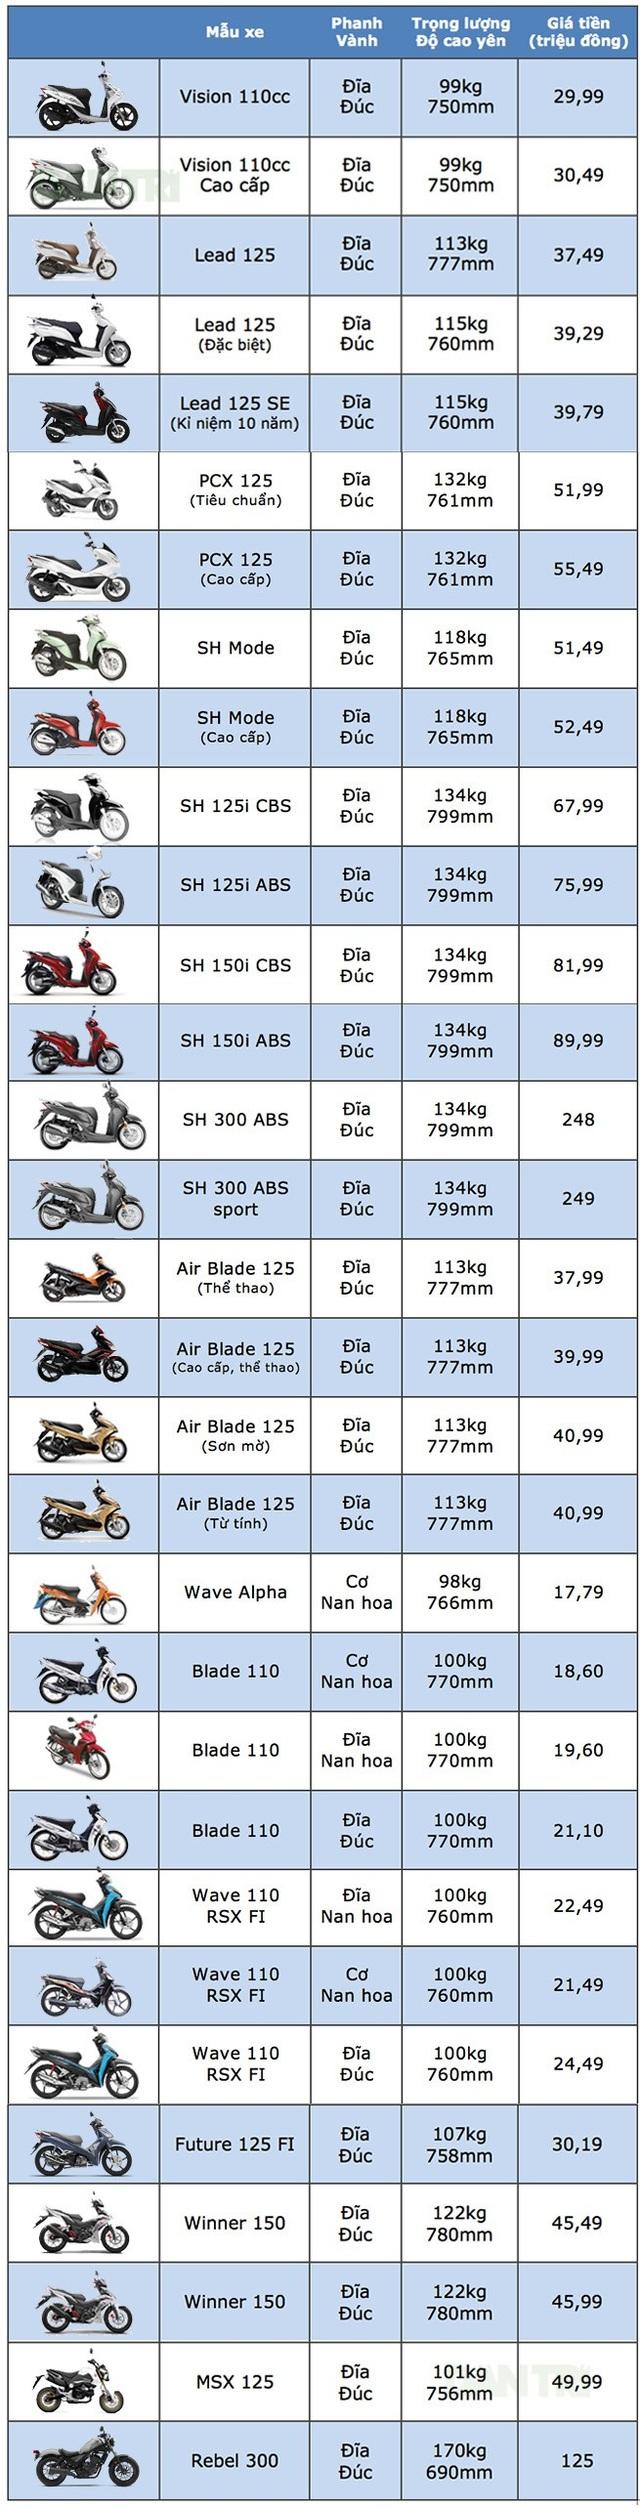 Bảng giá xe máy Honda tại Việt Nam cập nhật tháng 6/2018 - 1